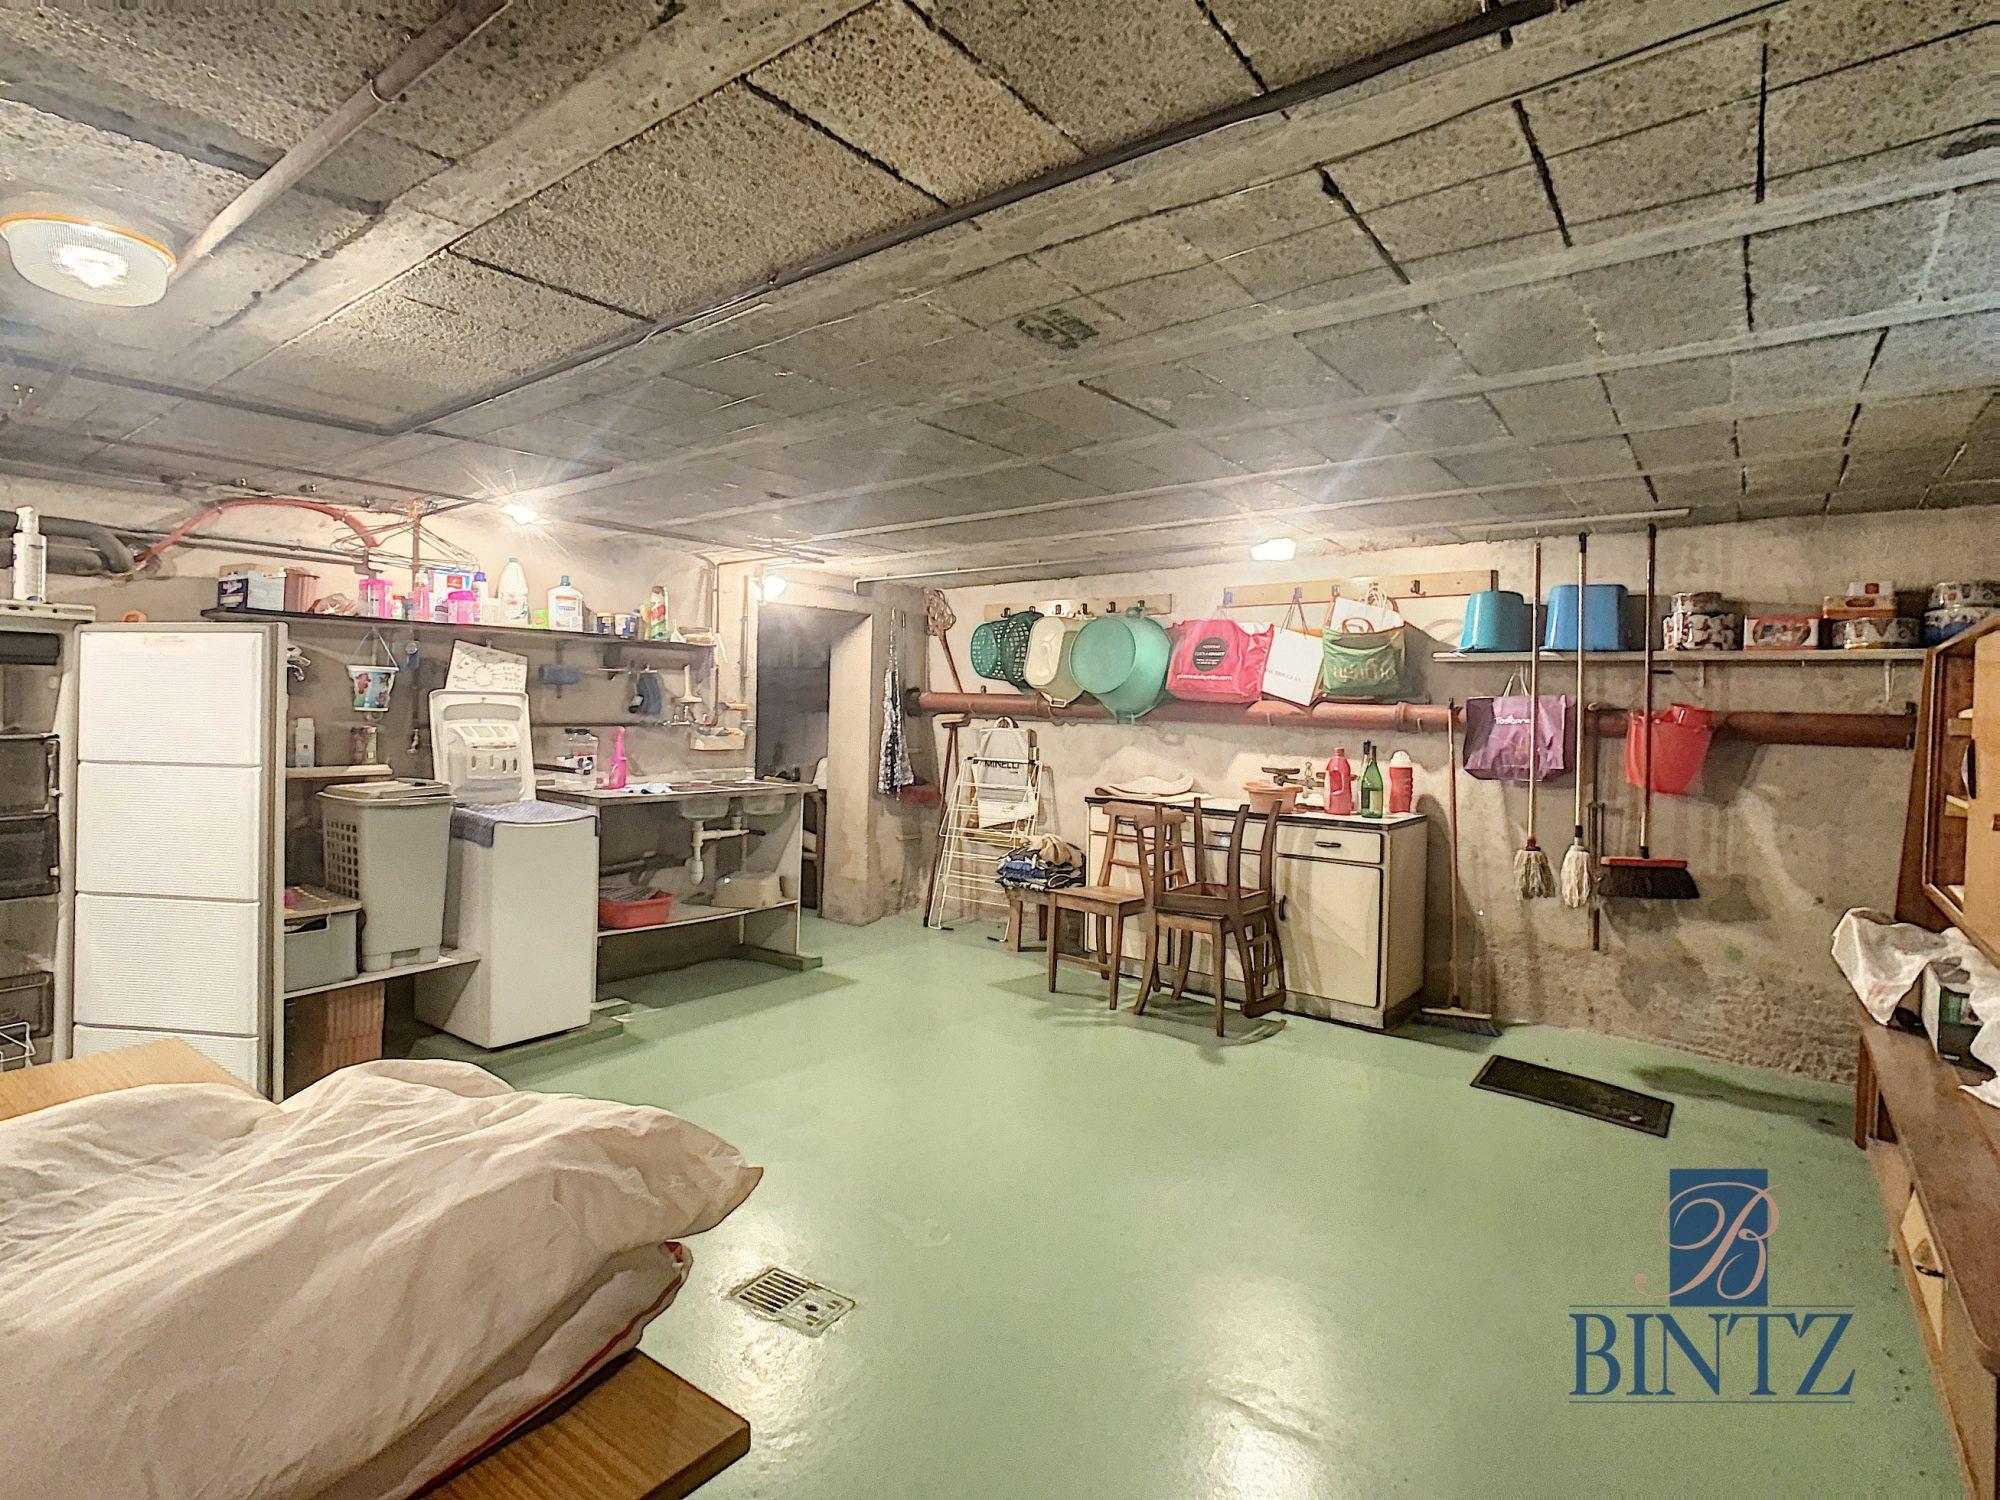 Maison 6 pièces de 157m2 à Strasbourg - Devenez propriétaire en toute confiance - Bintz Immobilier - 10